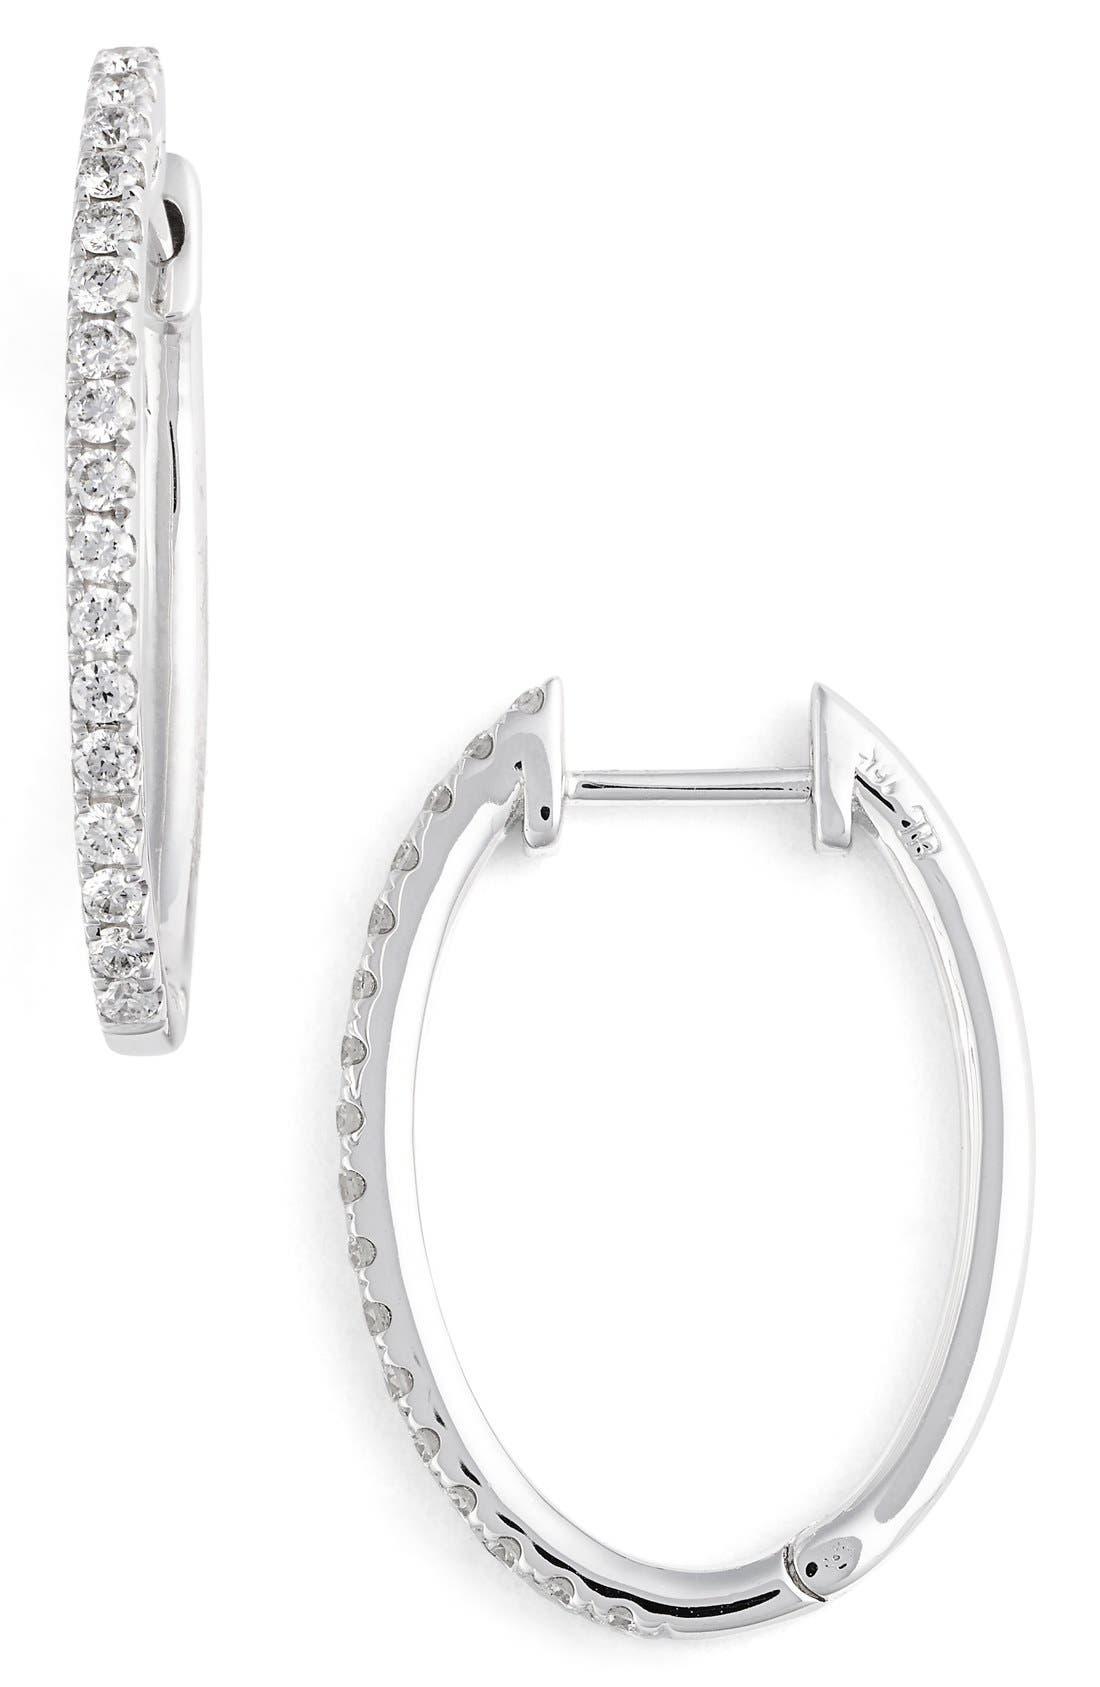 Alternate Image 1 Selected - Bony Levy Oval Hoop Diamond Earrings (Nordstrom Exclusive)